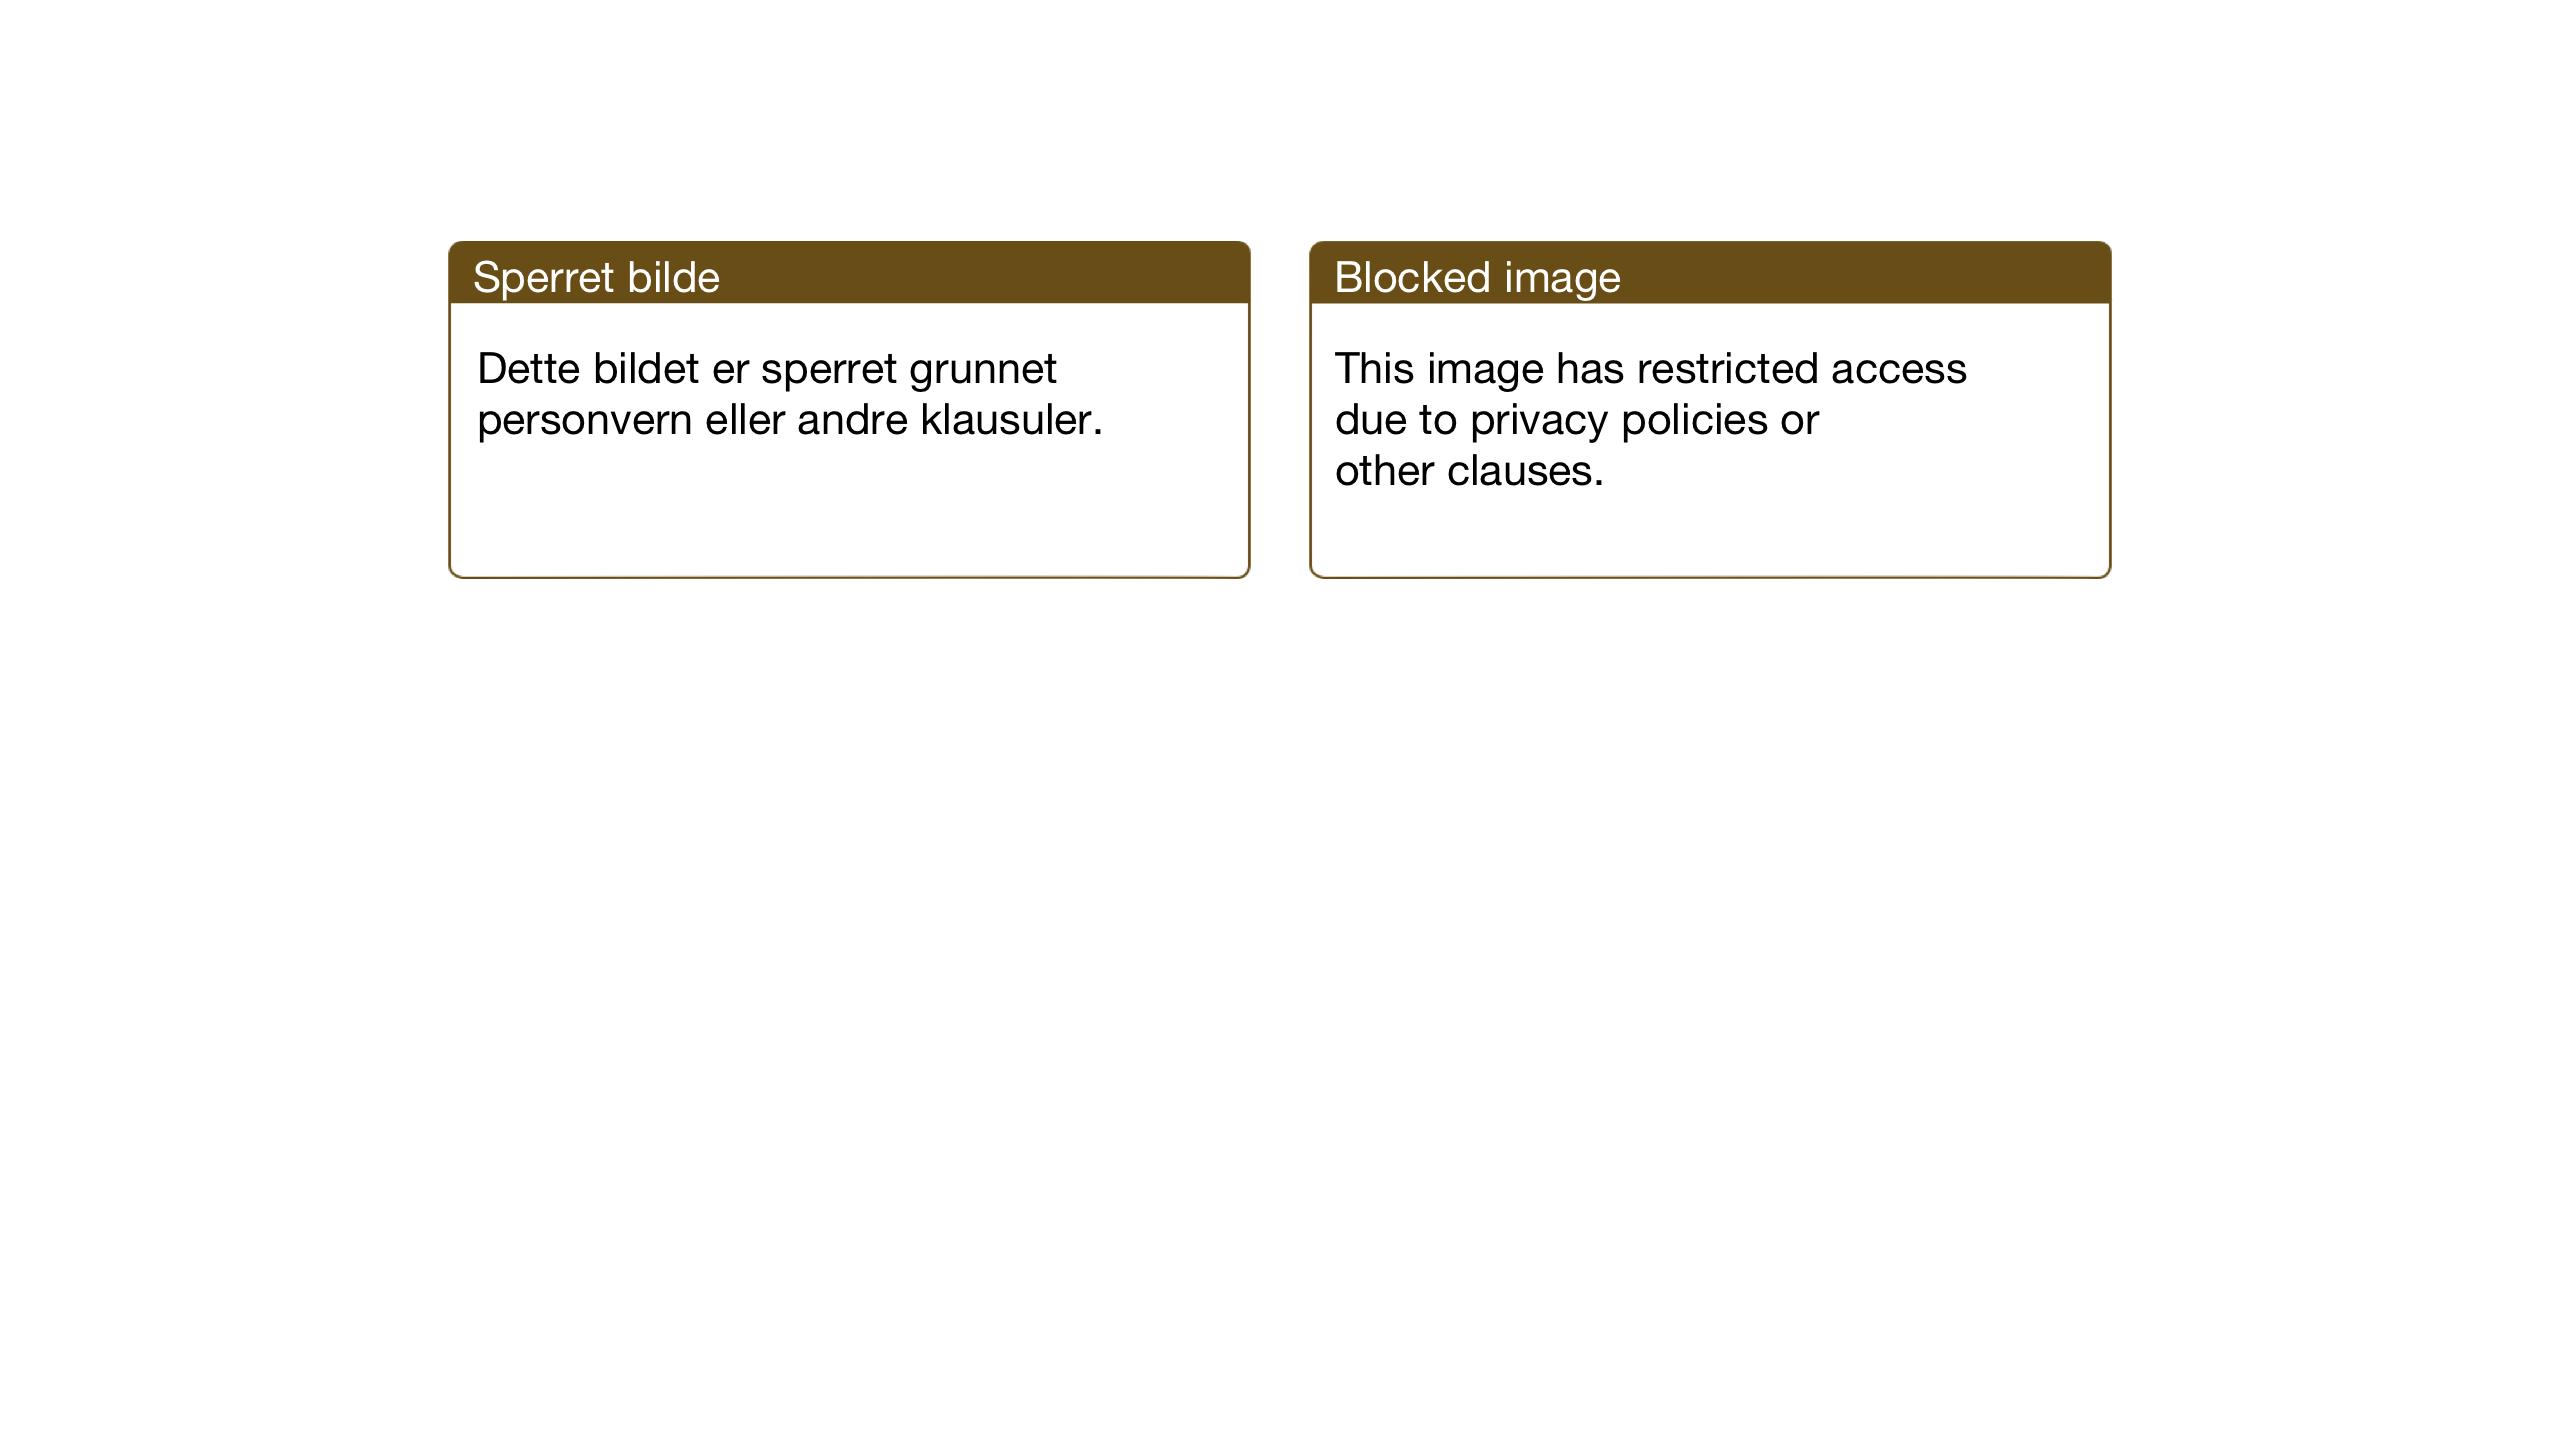 SAT, Ministerialprotokoller, klokkerbøker og fødselsregistre - Nord-Trøndelag, 720/L0193: Klokkerbok nr. 720C02, 1918-1941, s. 34